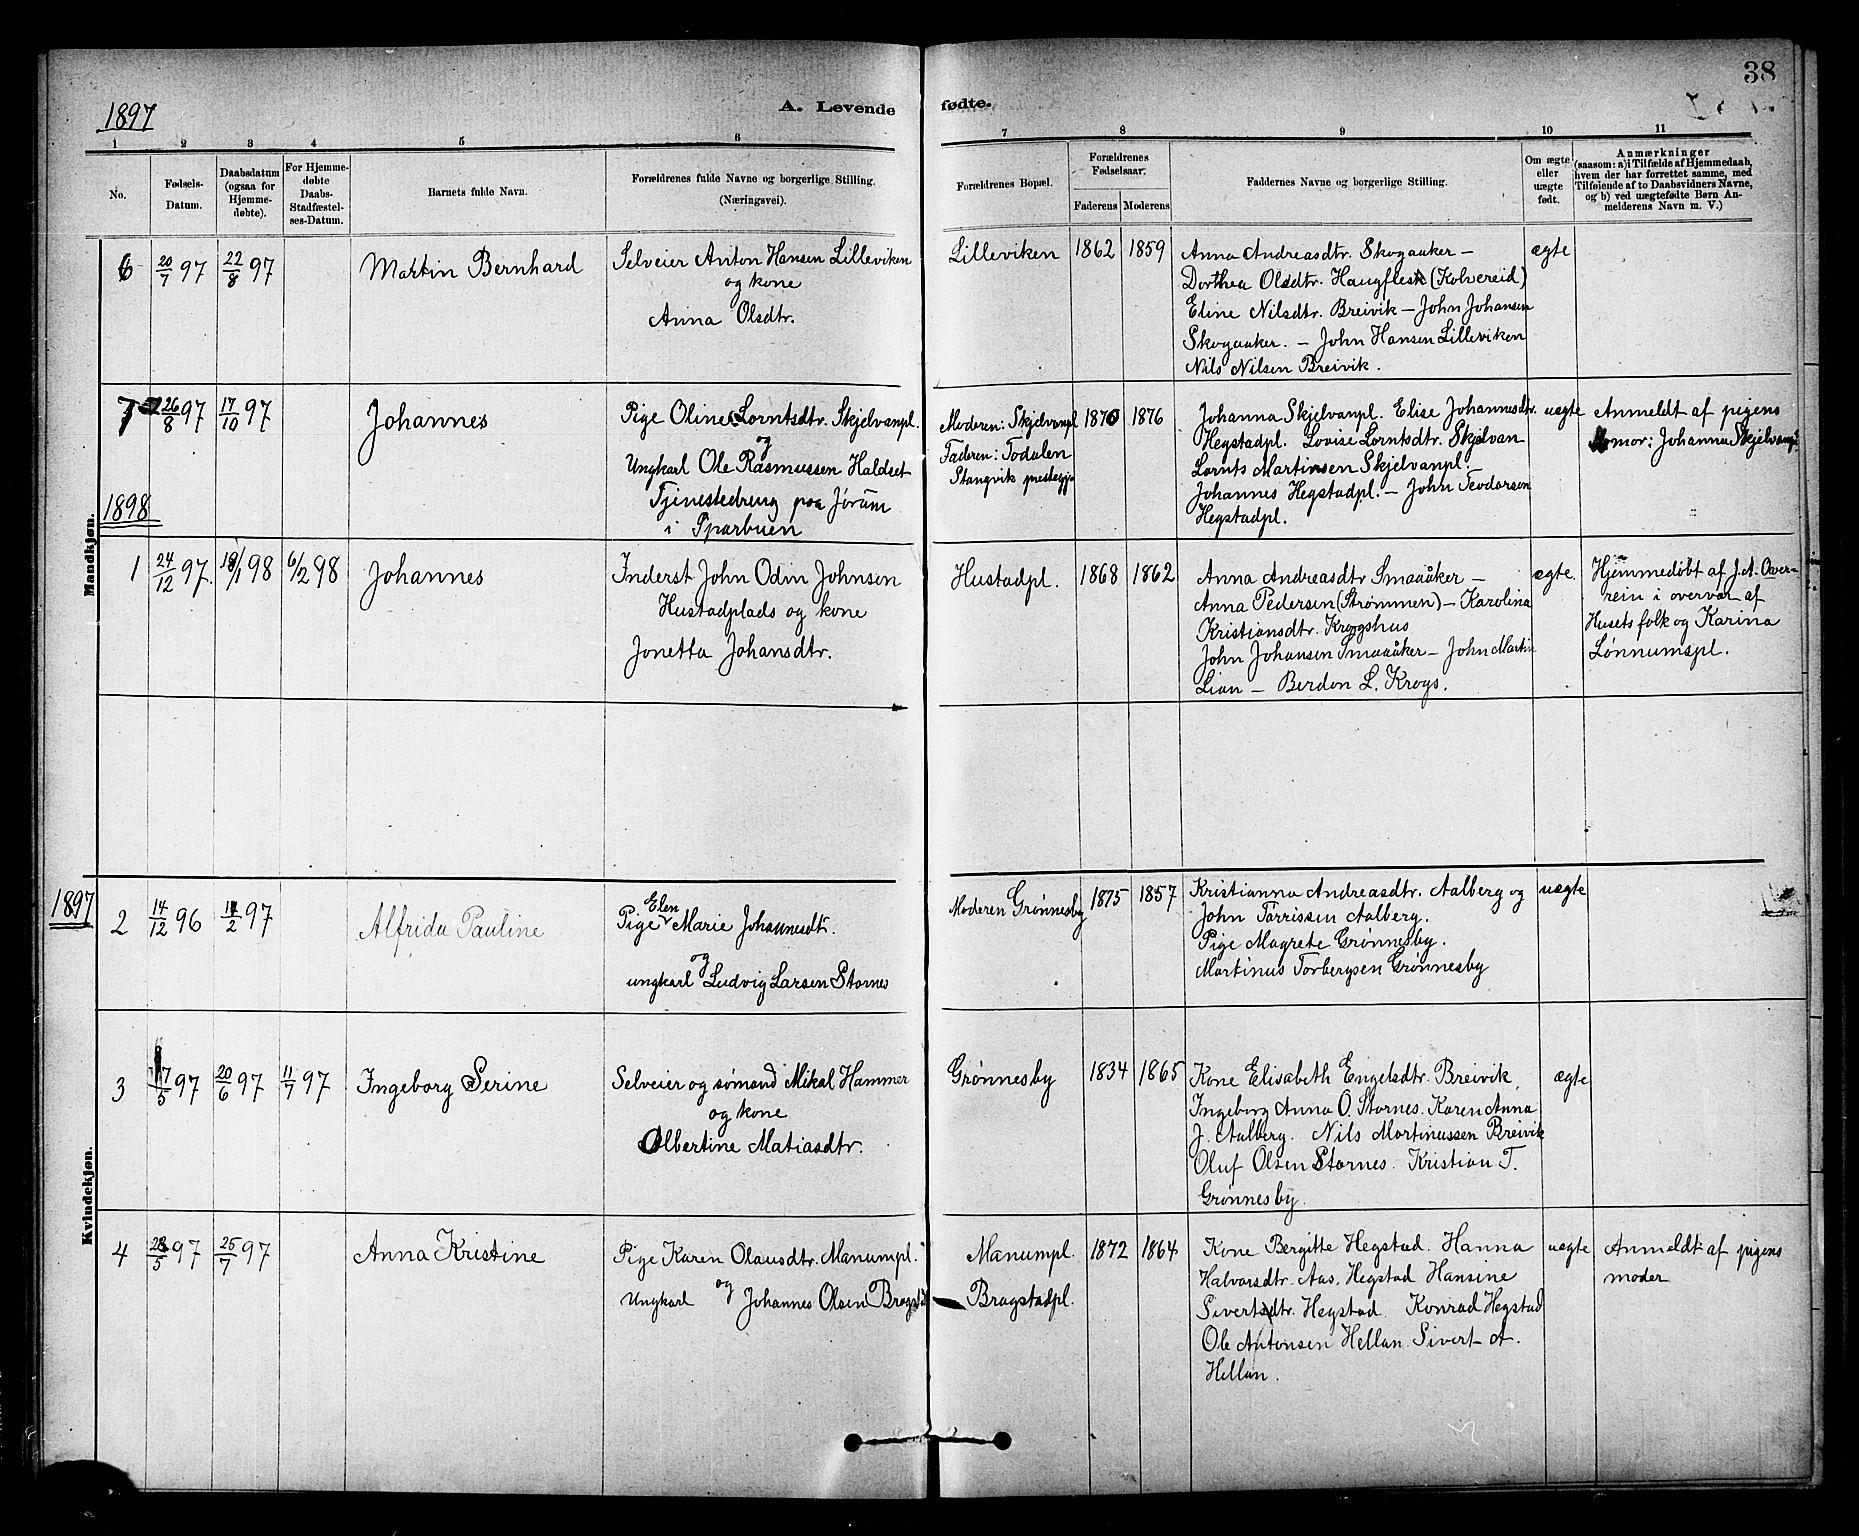 SAT, Ministerialprotokoller, klokkerbøker og fødselsregistre - Nord-Trøndelag, 732/L0318: Klokkerbok nr. 732C02, 1881-1911, s. 38